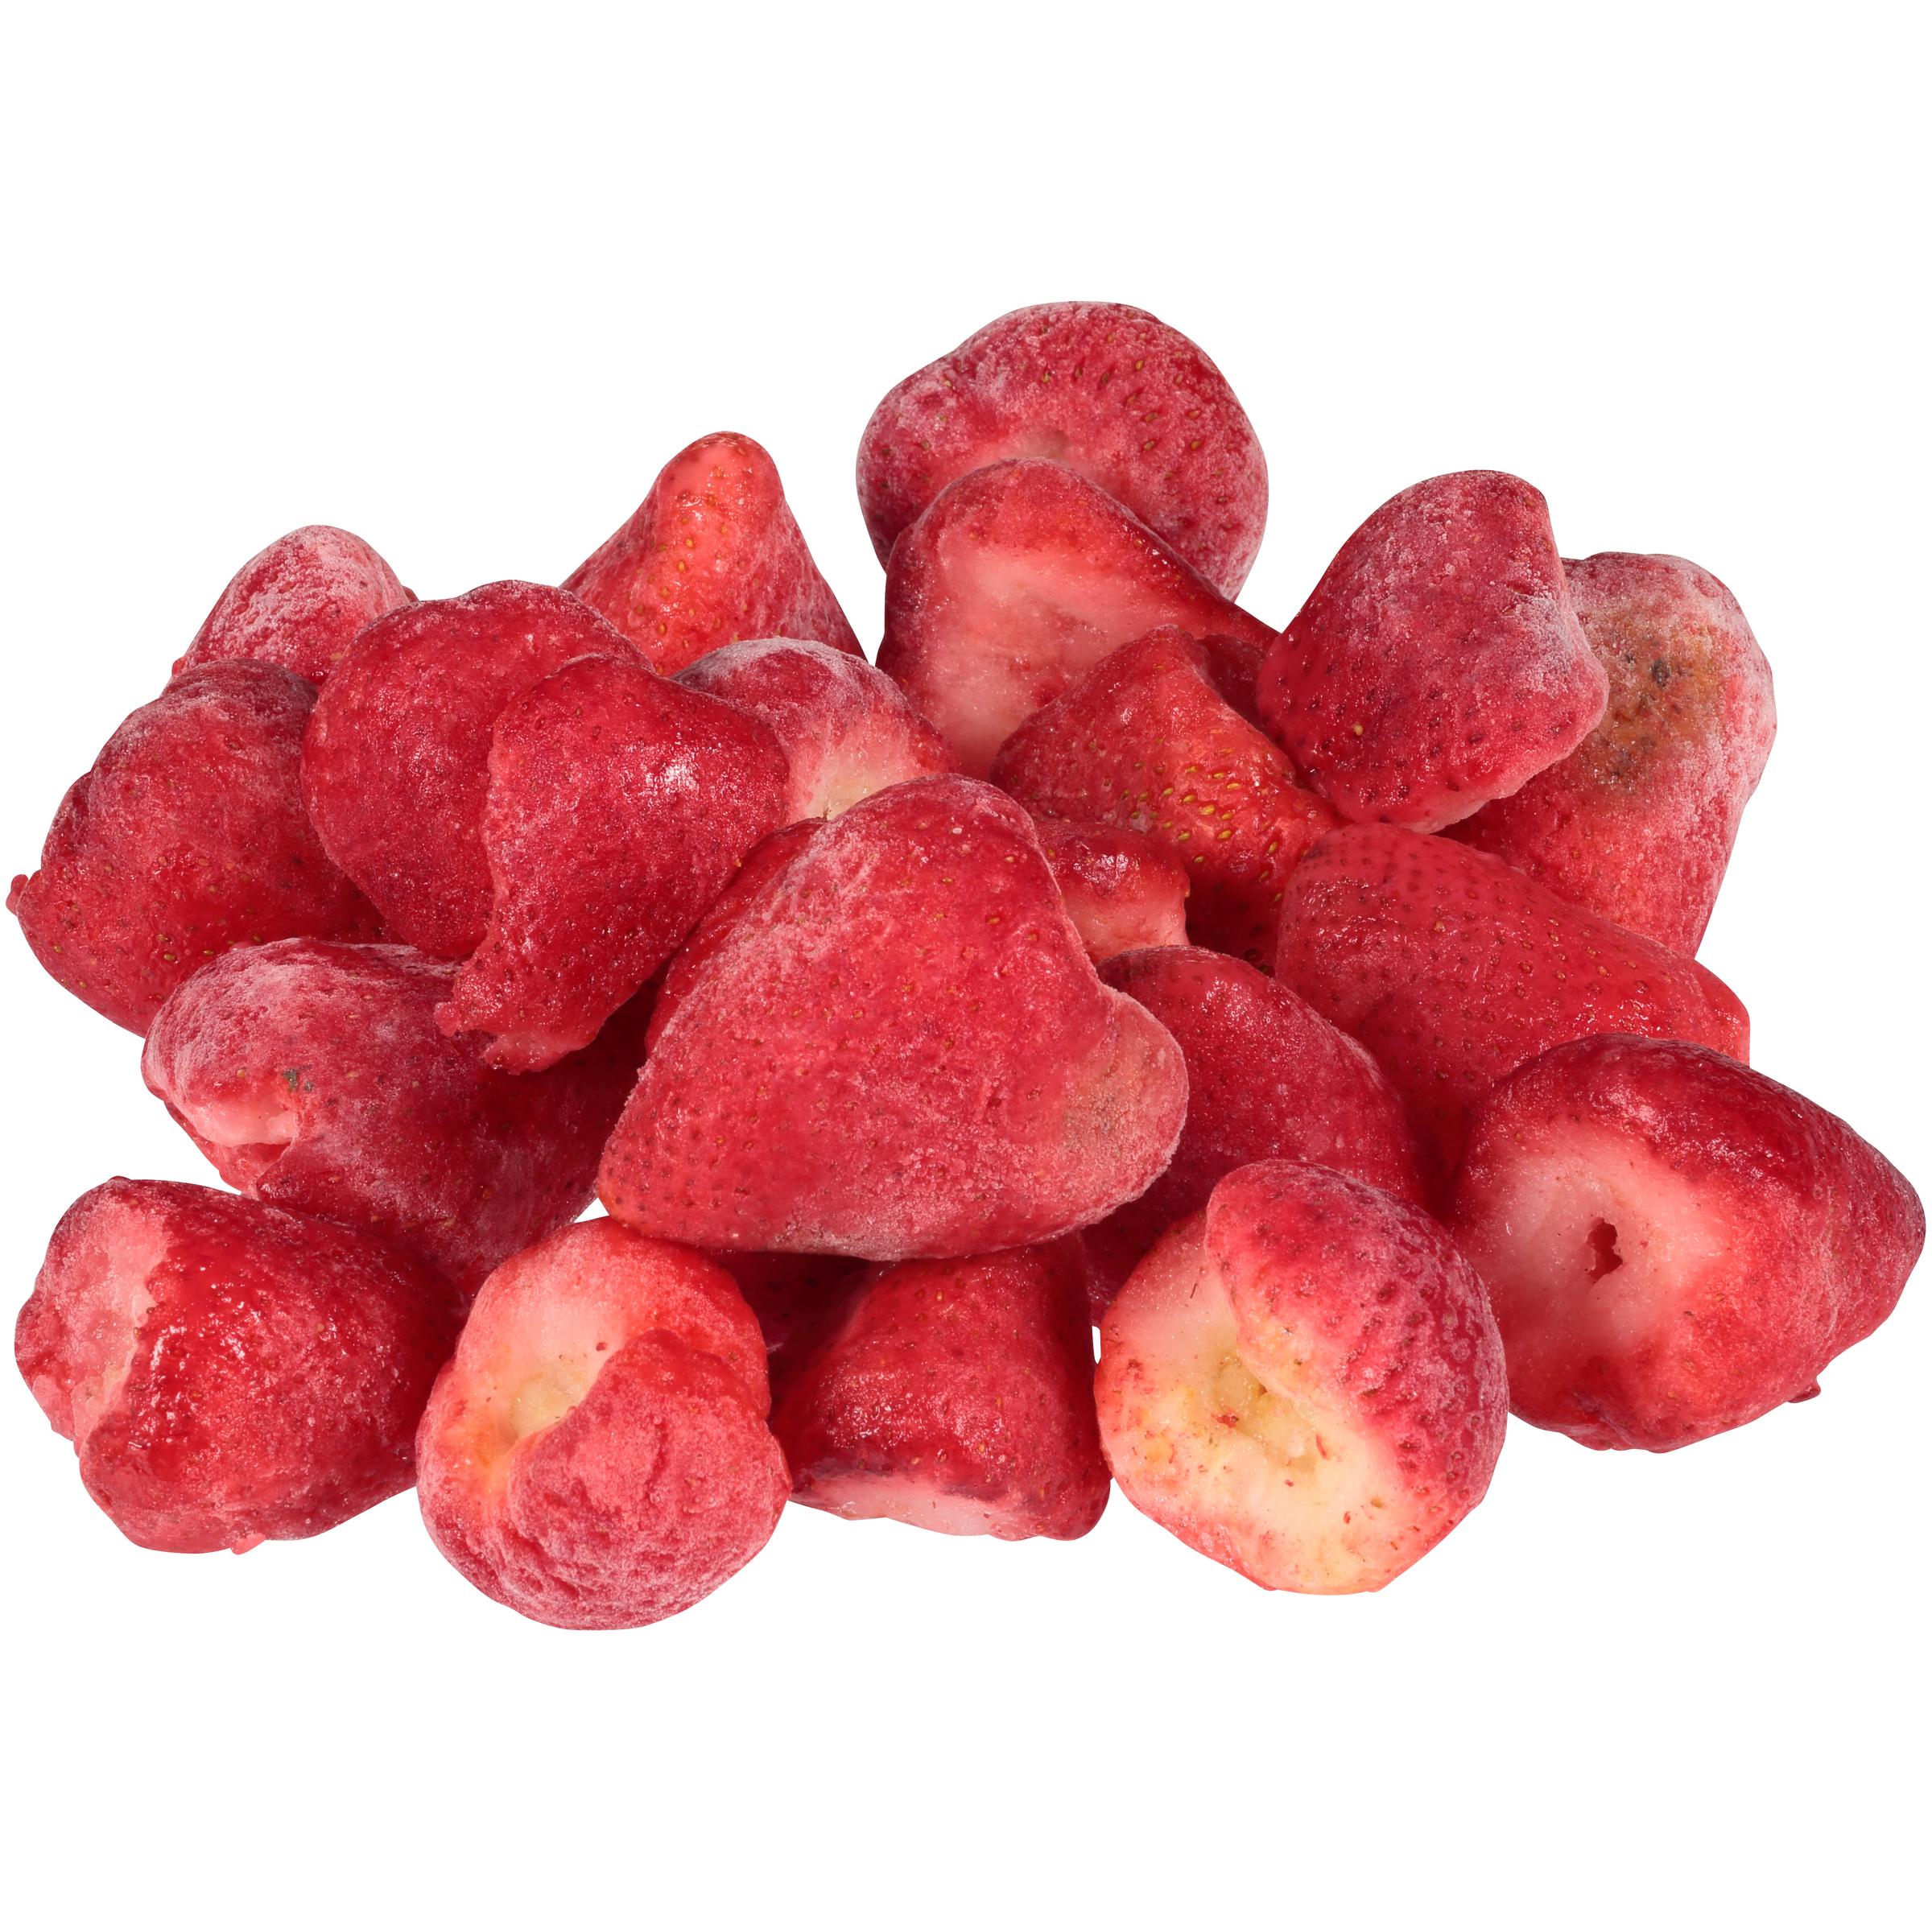 Strawberry Sortouts Wh 30# IQF